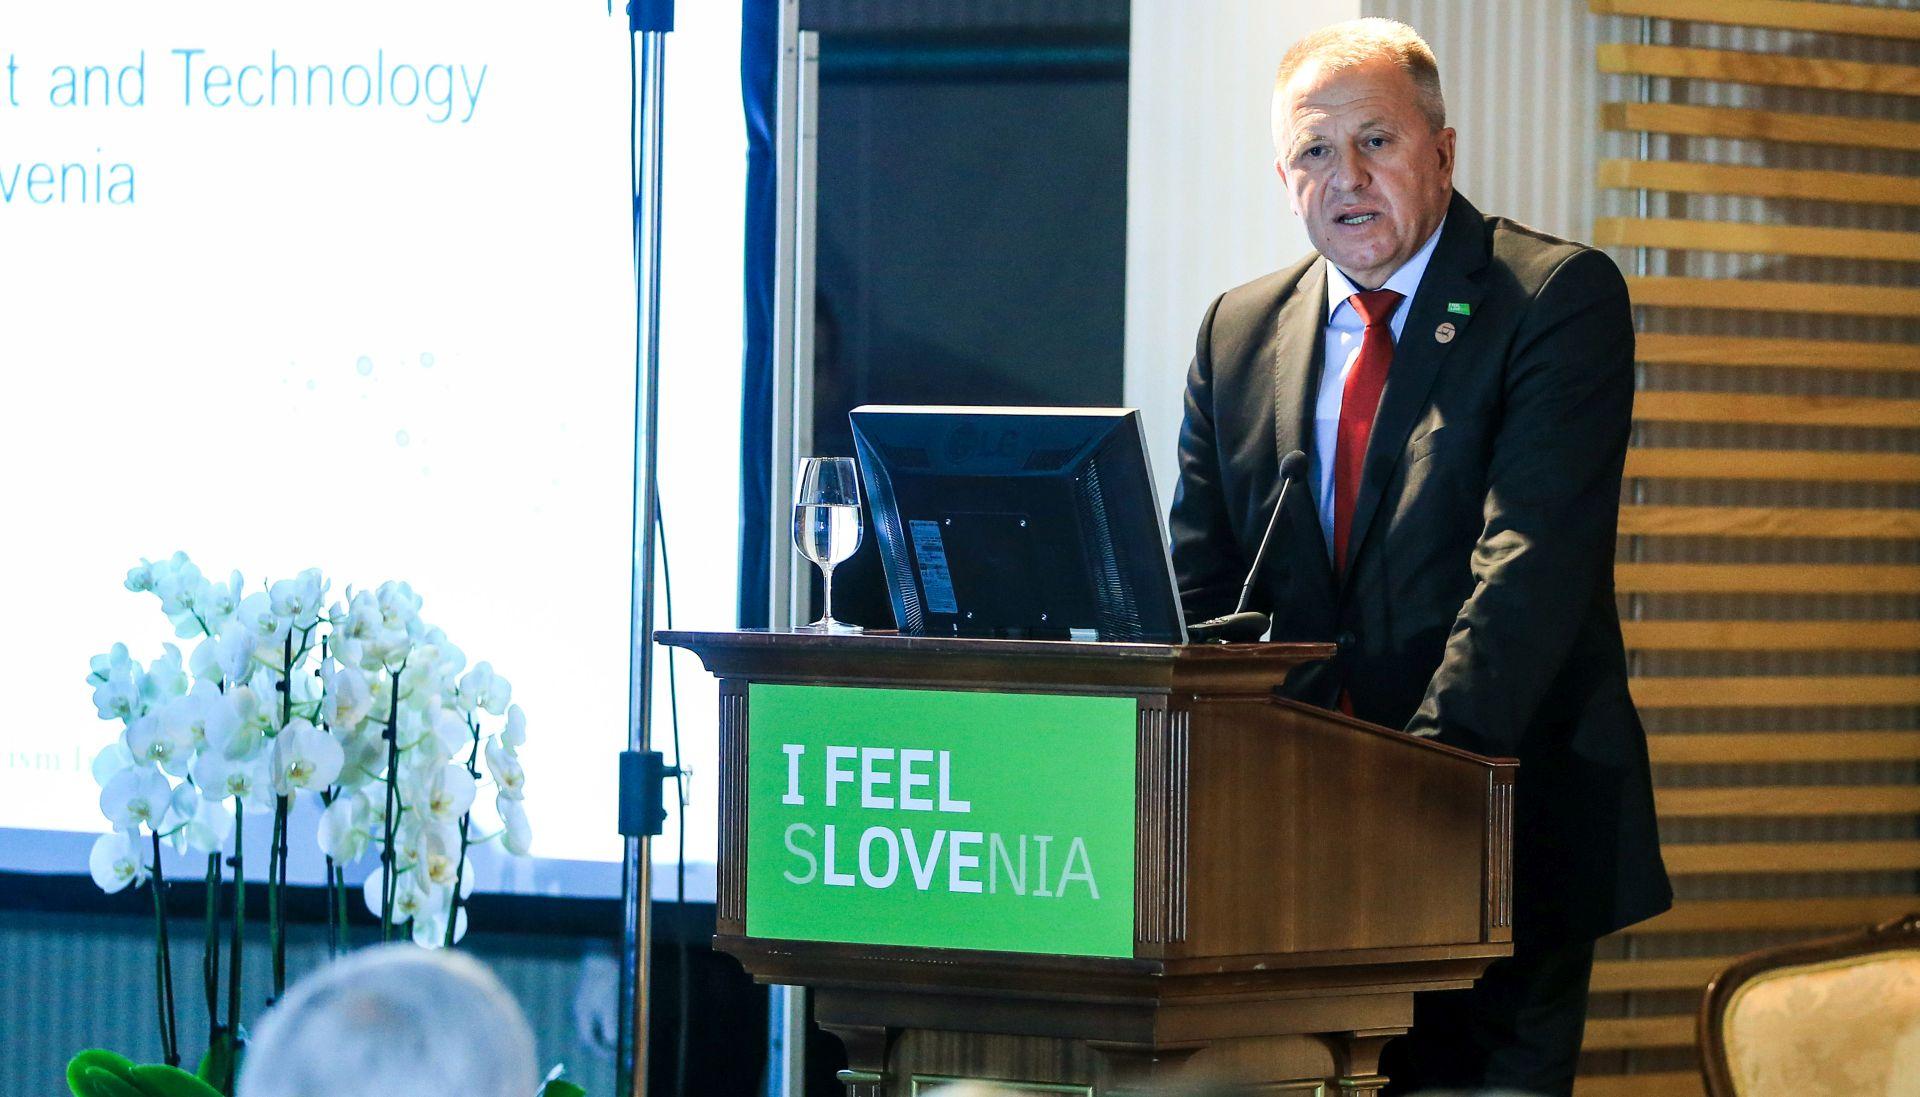 Slovenski ministar gospodarstva pohvalio turističku suradnju s Hrvatskom